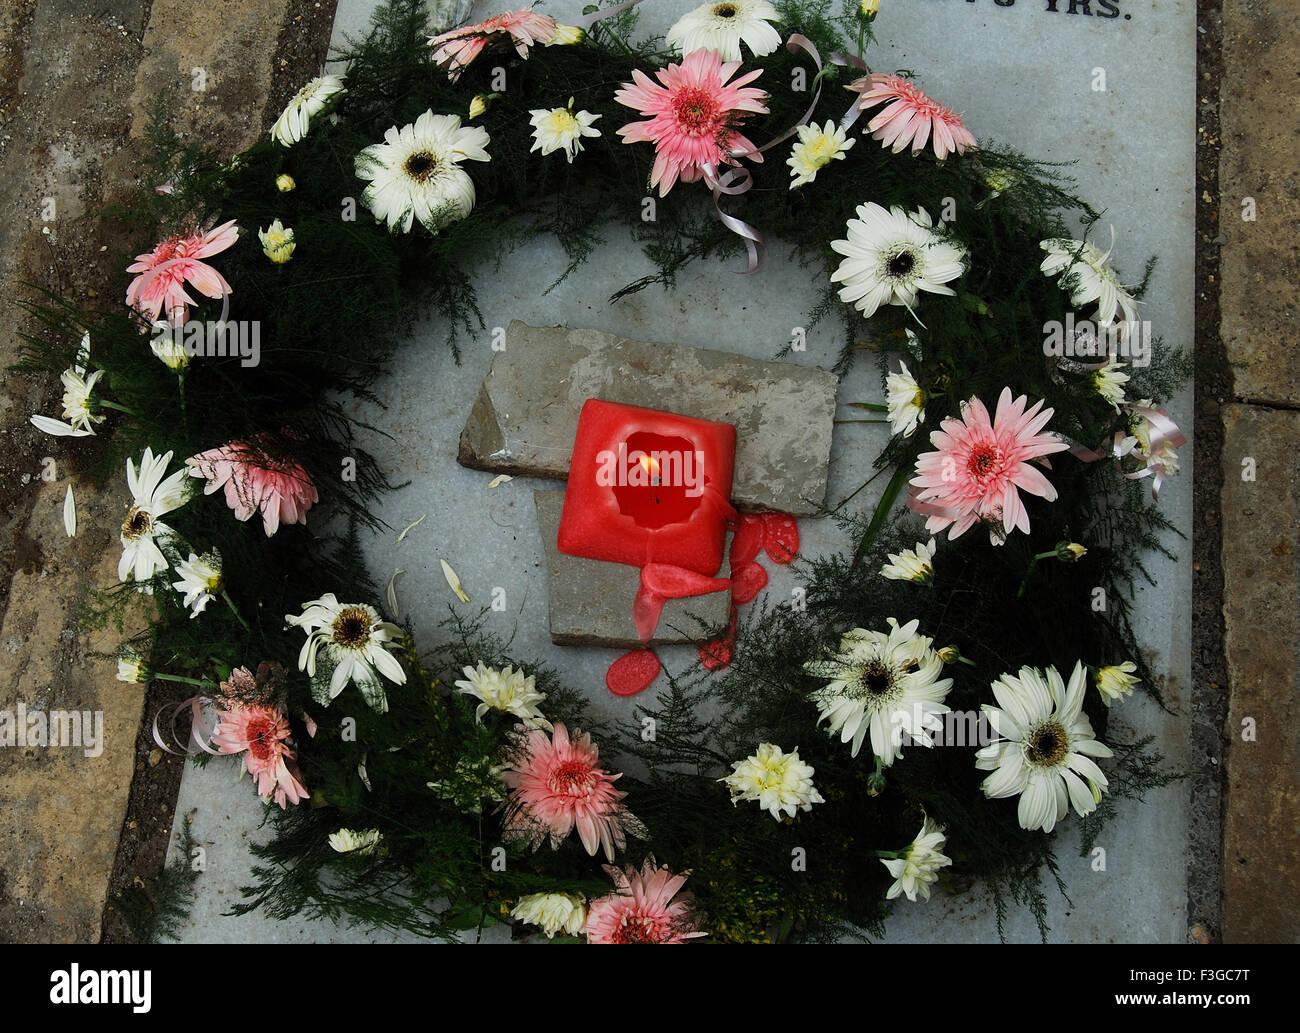 Blumen und Kerzen am Grab für Hommage an die verstorbene Seele am 2. Tag seiner Beerdigung Stockfoto